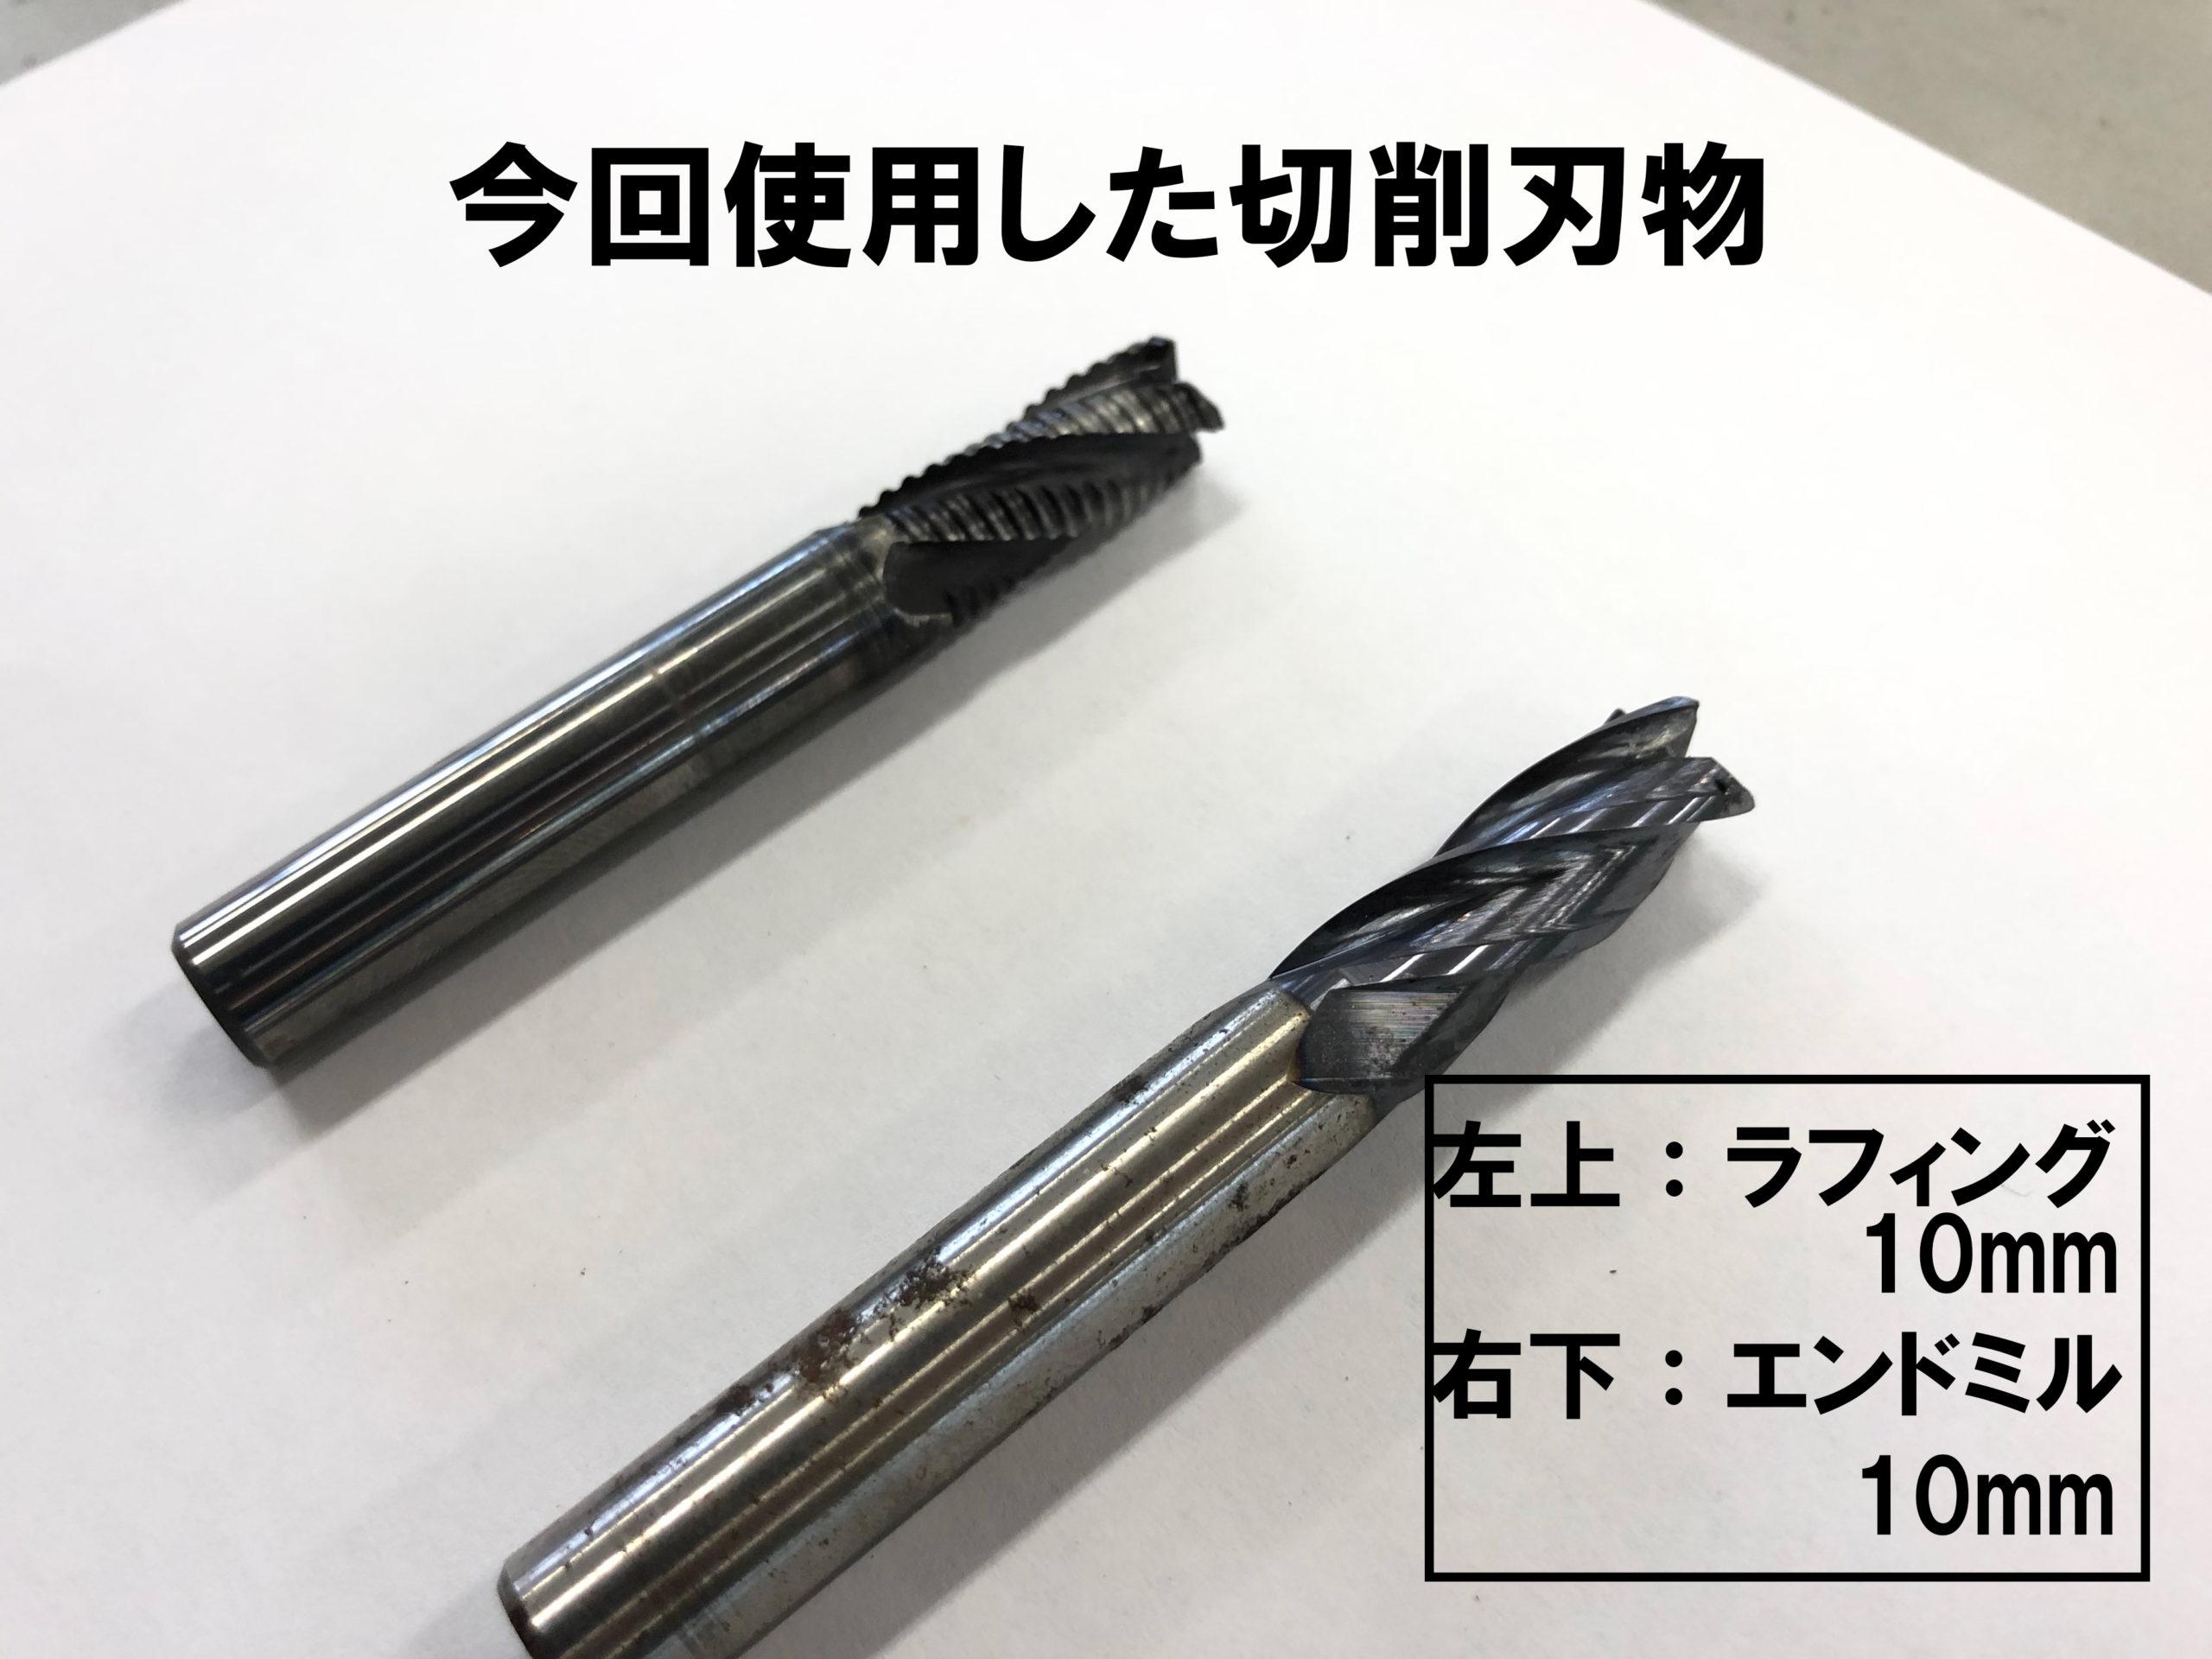 D.切削刃物(自動車機械科)-scaled.jpg